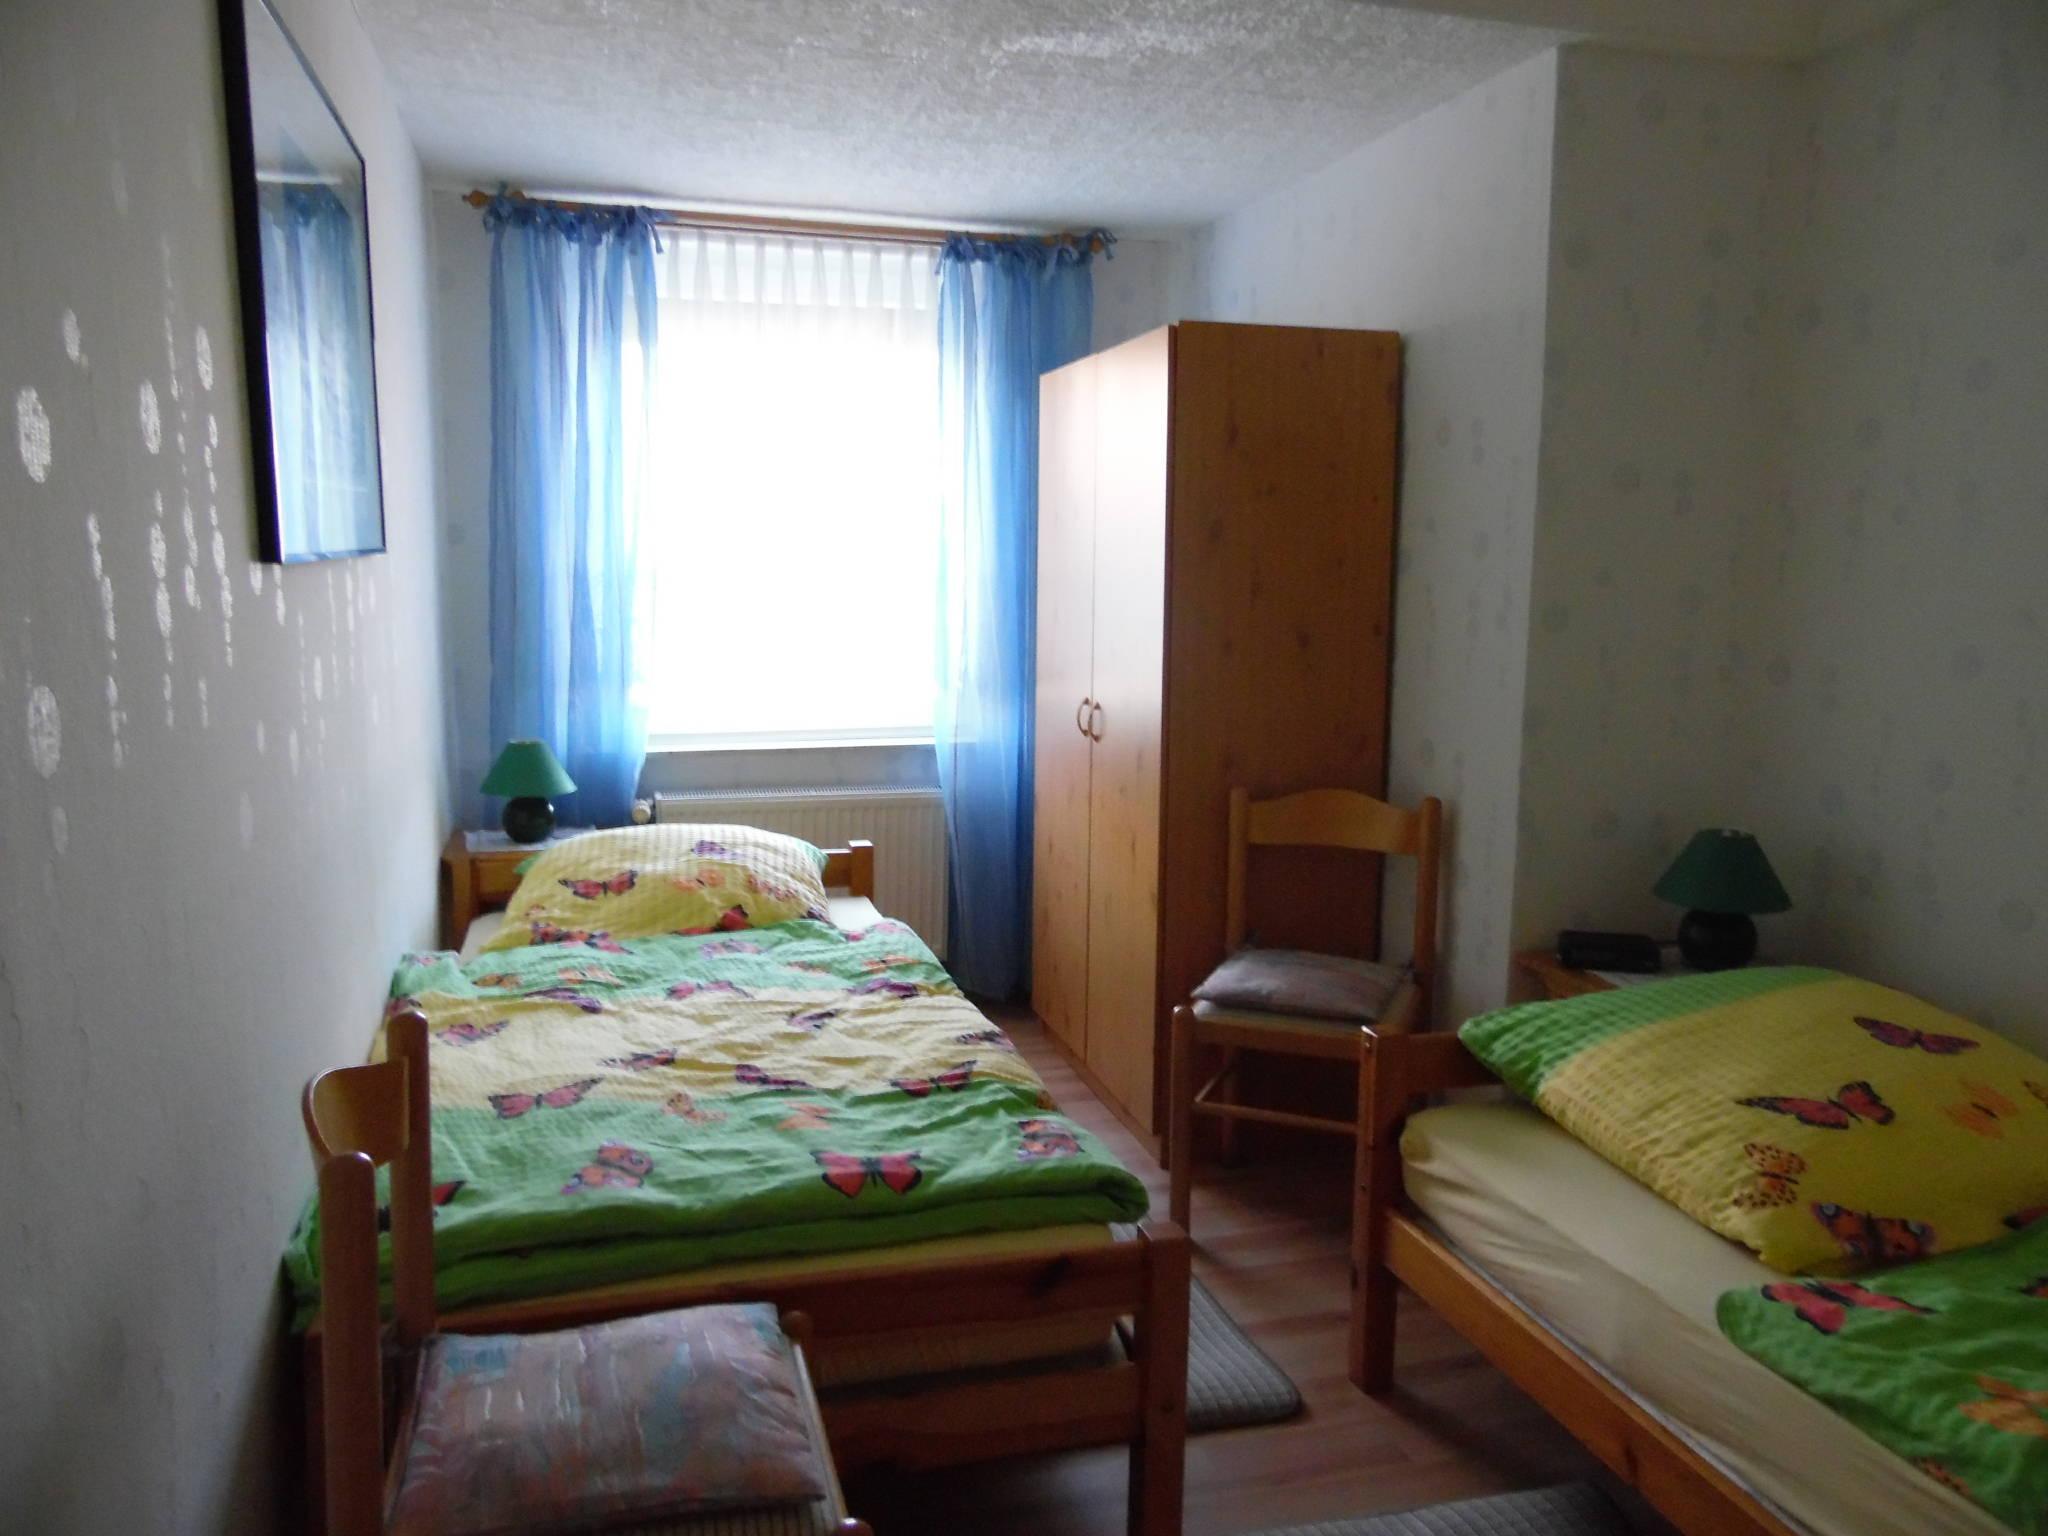 Schlafzimmer kind(er)